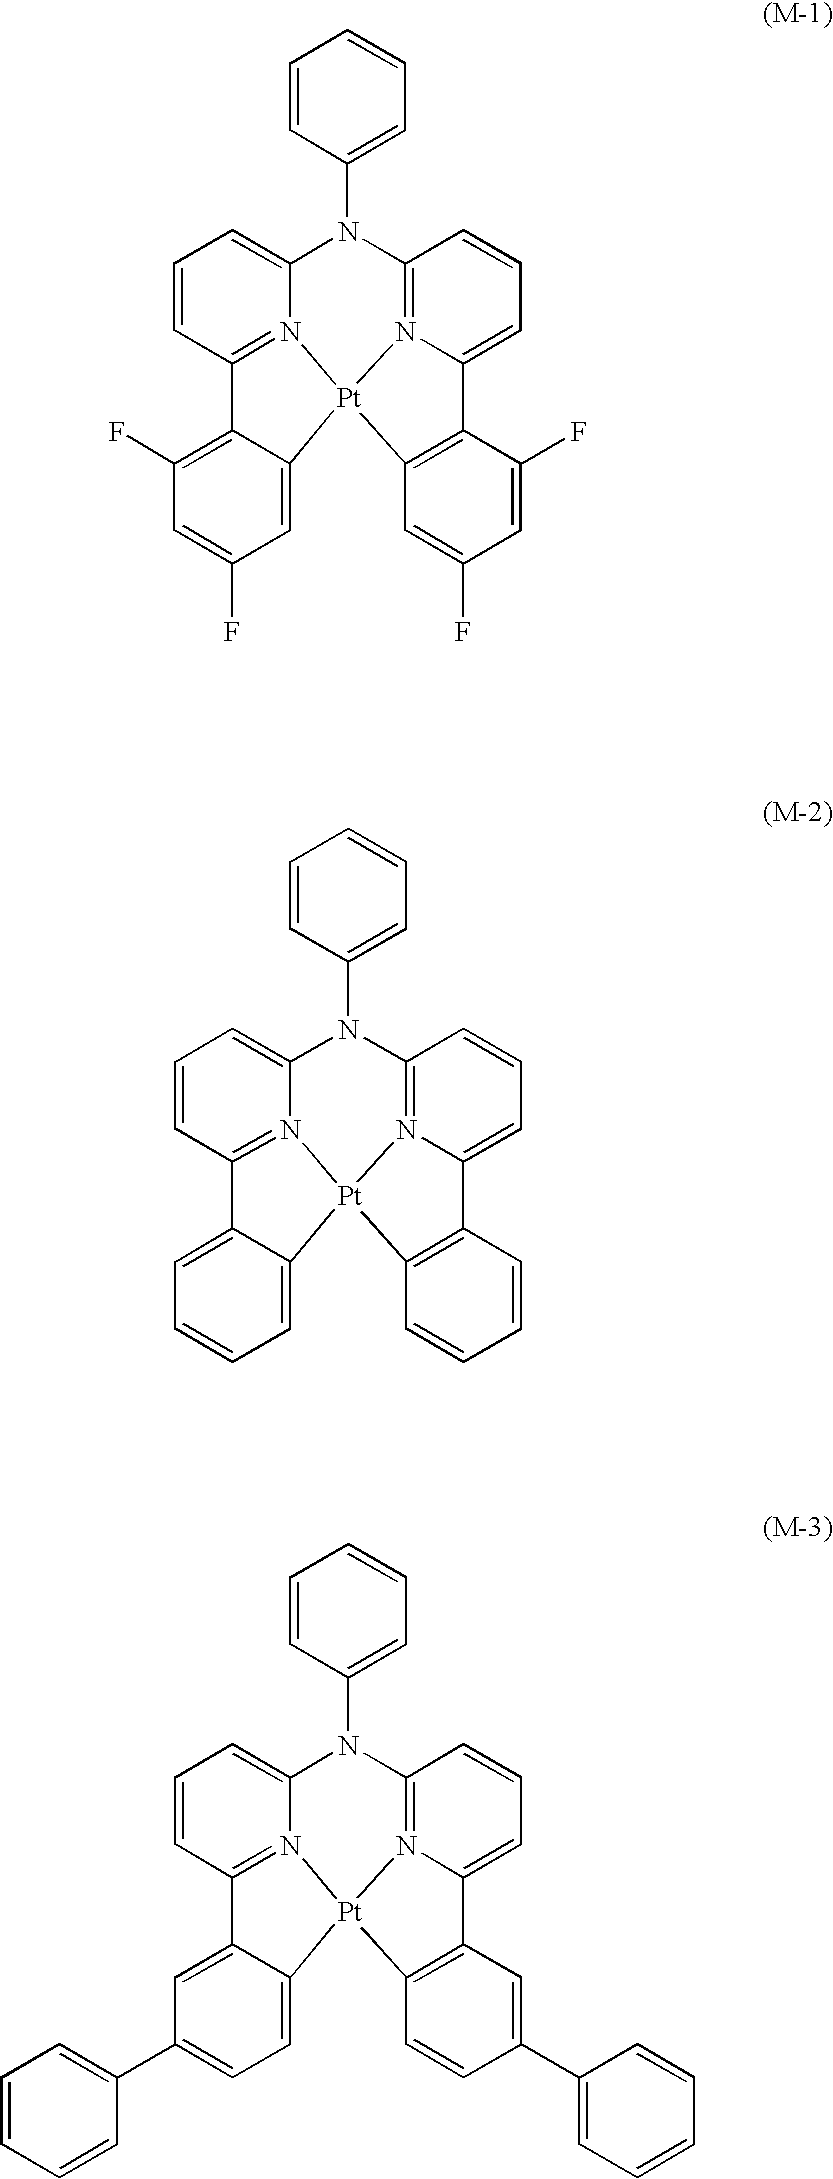 Figure US20100219748A1-20100902-C00031